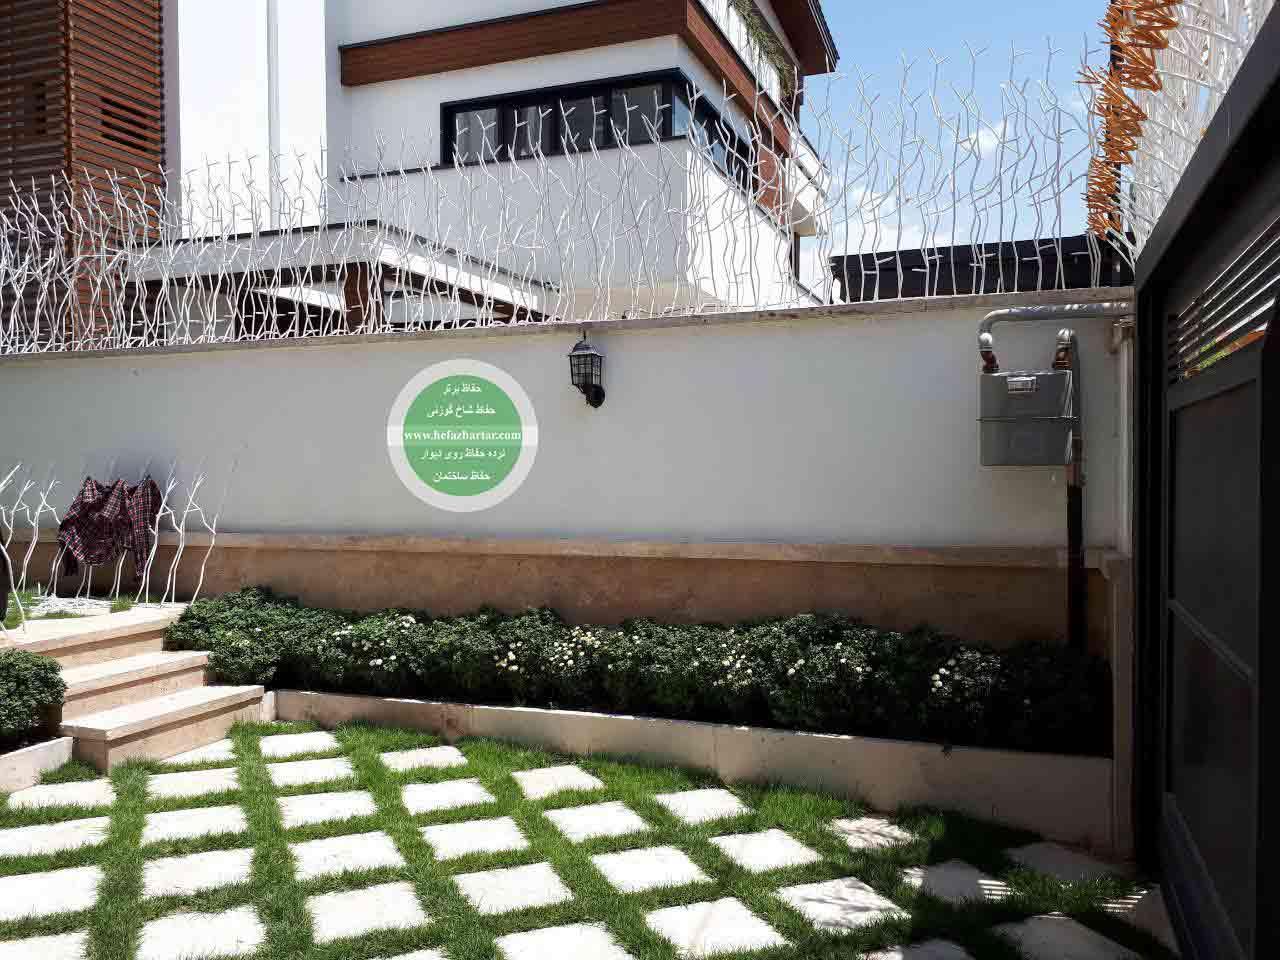 حفاظ روی دیوار ، حفاظ شاخ گوزنی